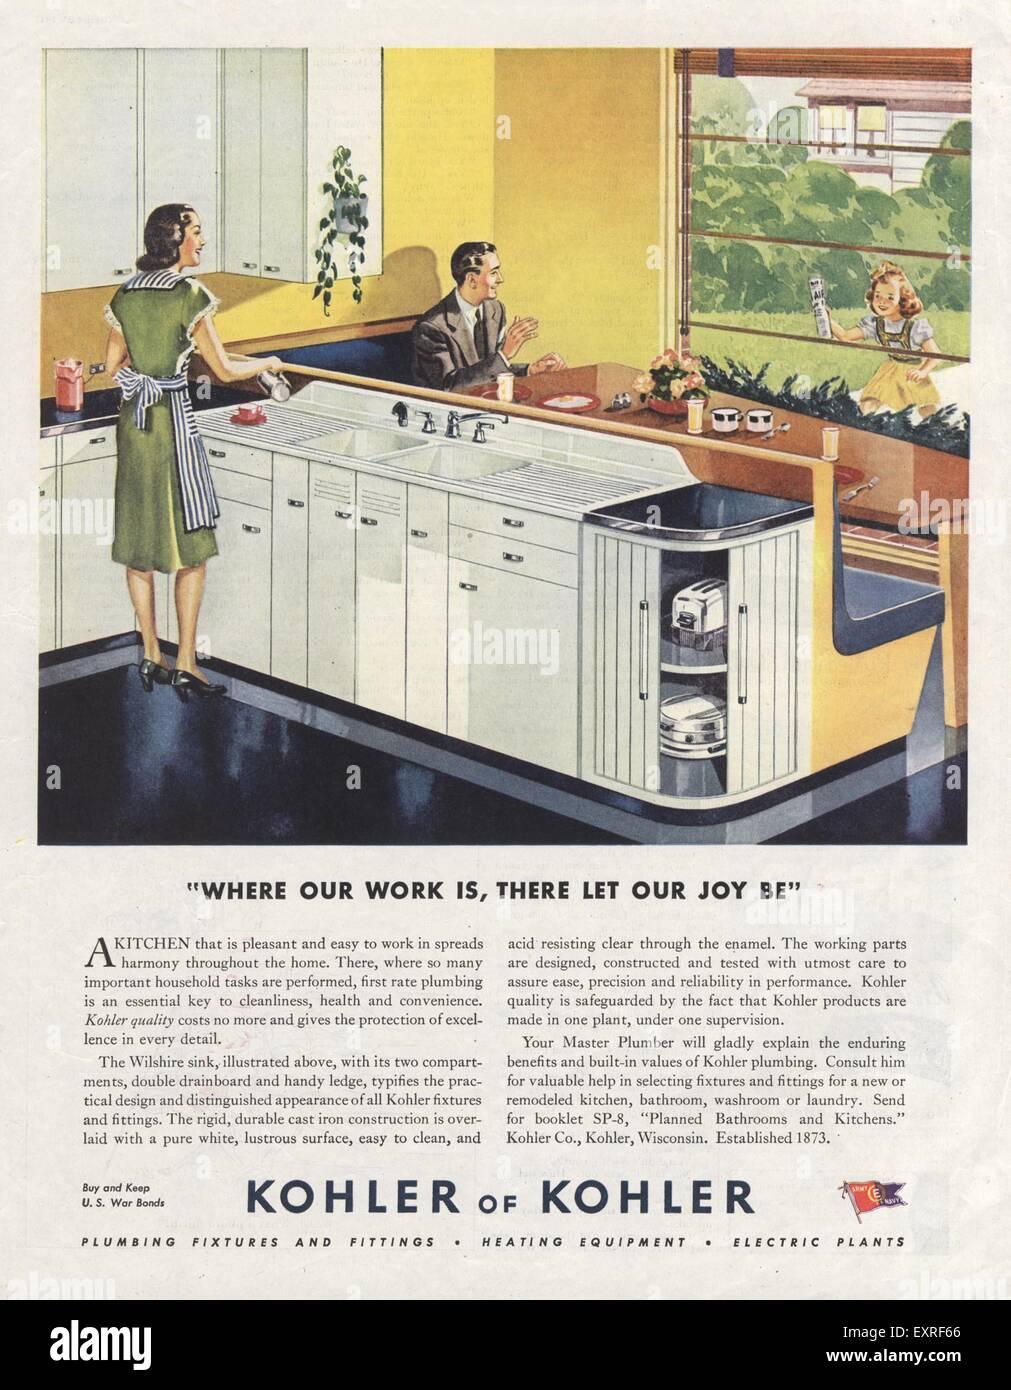 1940s USA Kohler Magazine Advert Stock Photo, Royalty Free Image ...